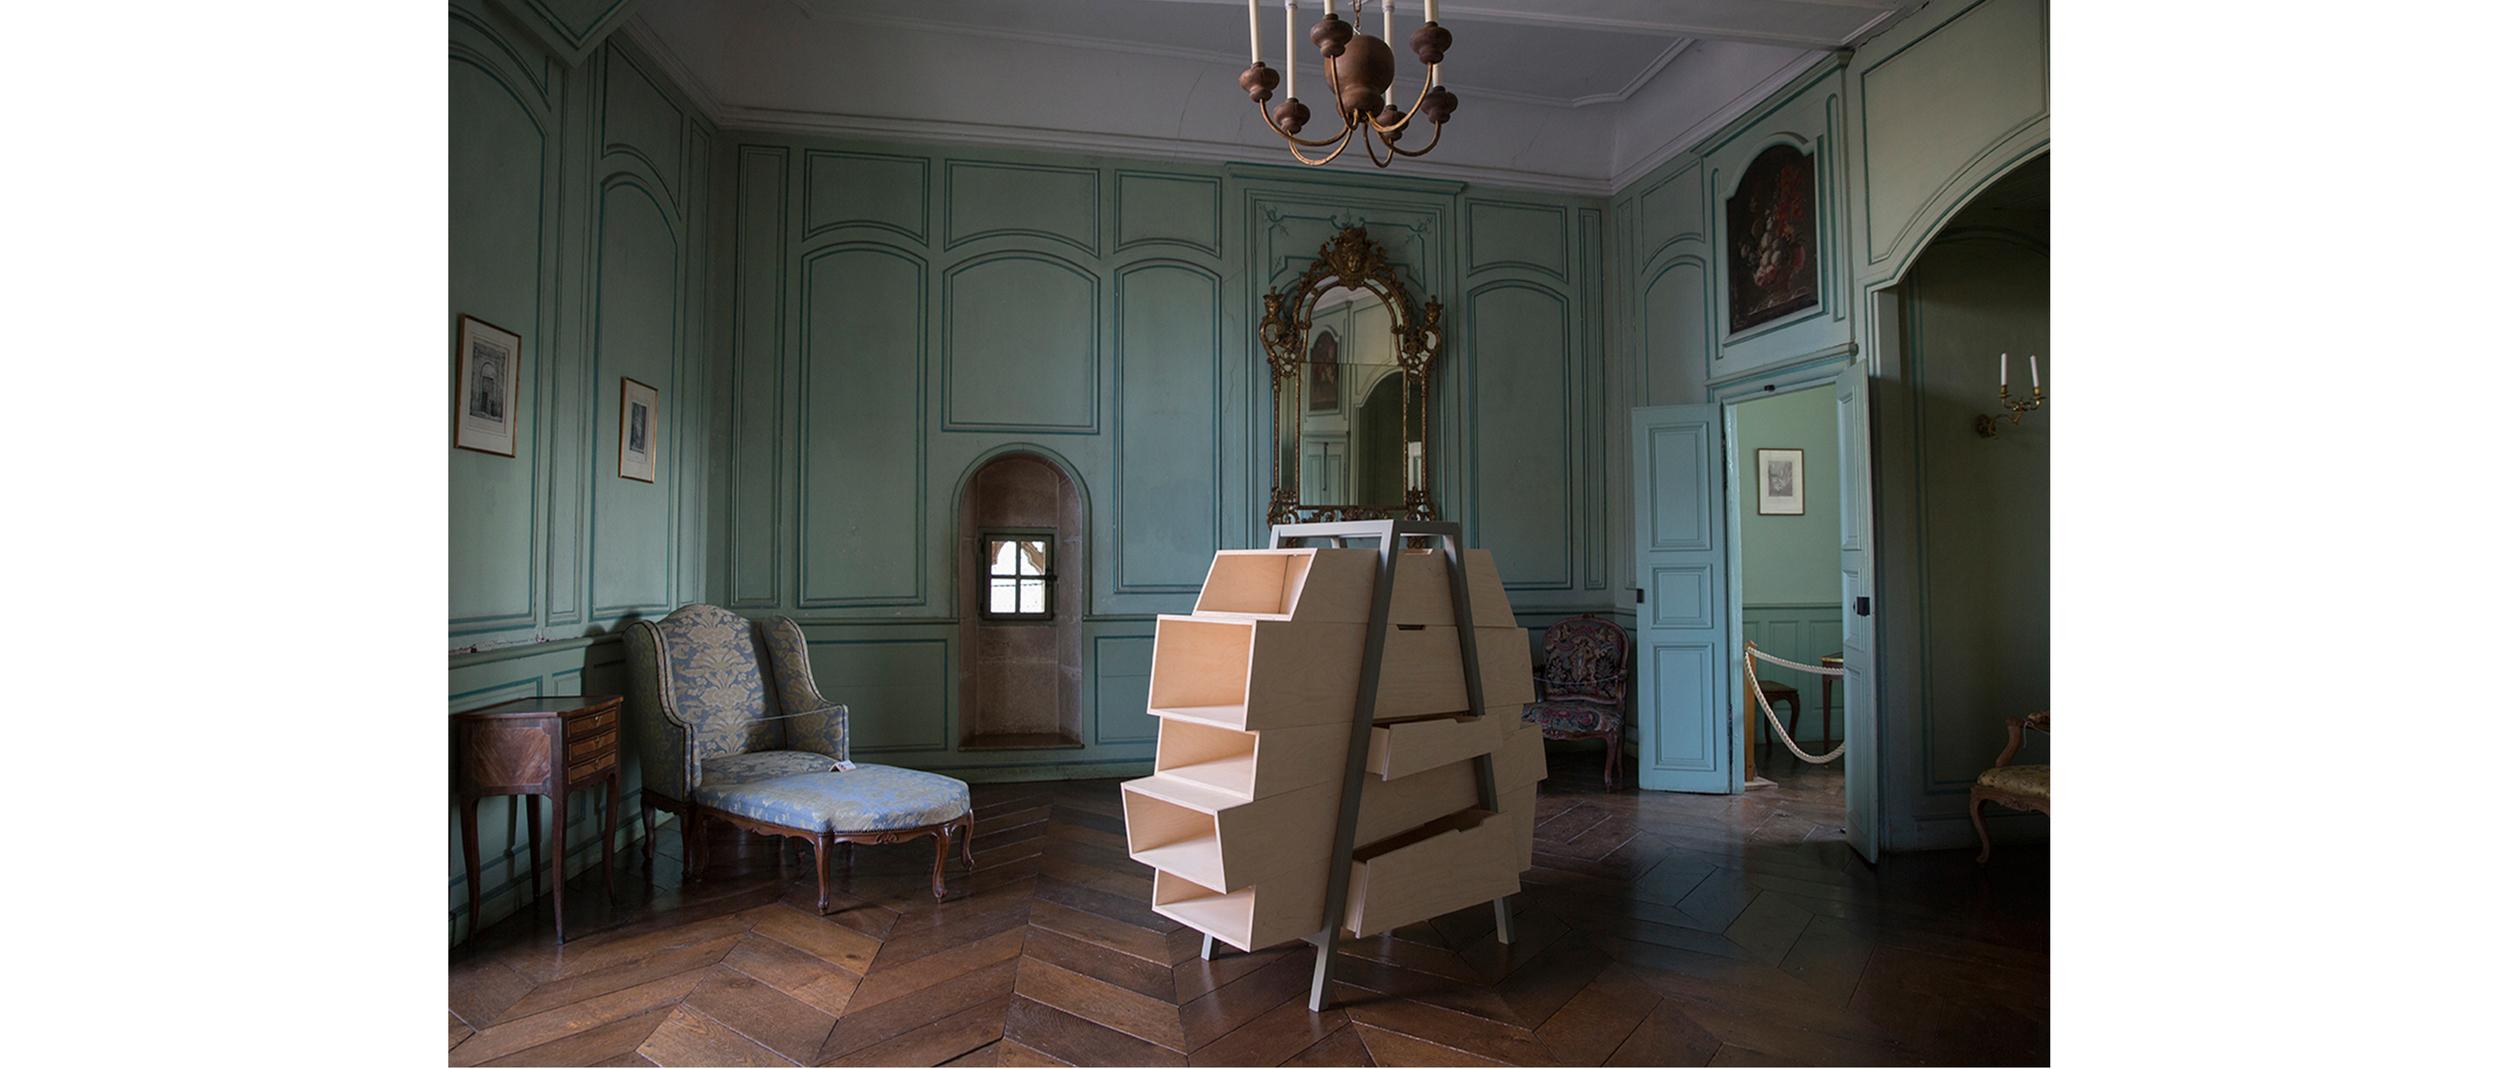 ClarisseDubus-WoodStock-Chateauneuf-1-3000x1500.jpg